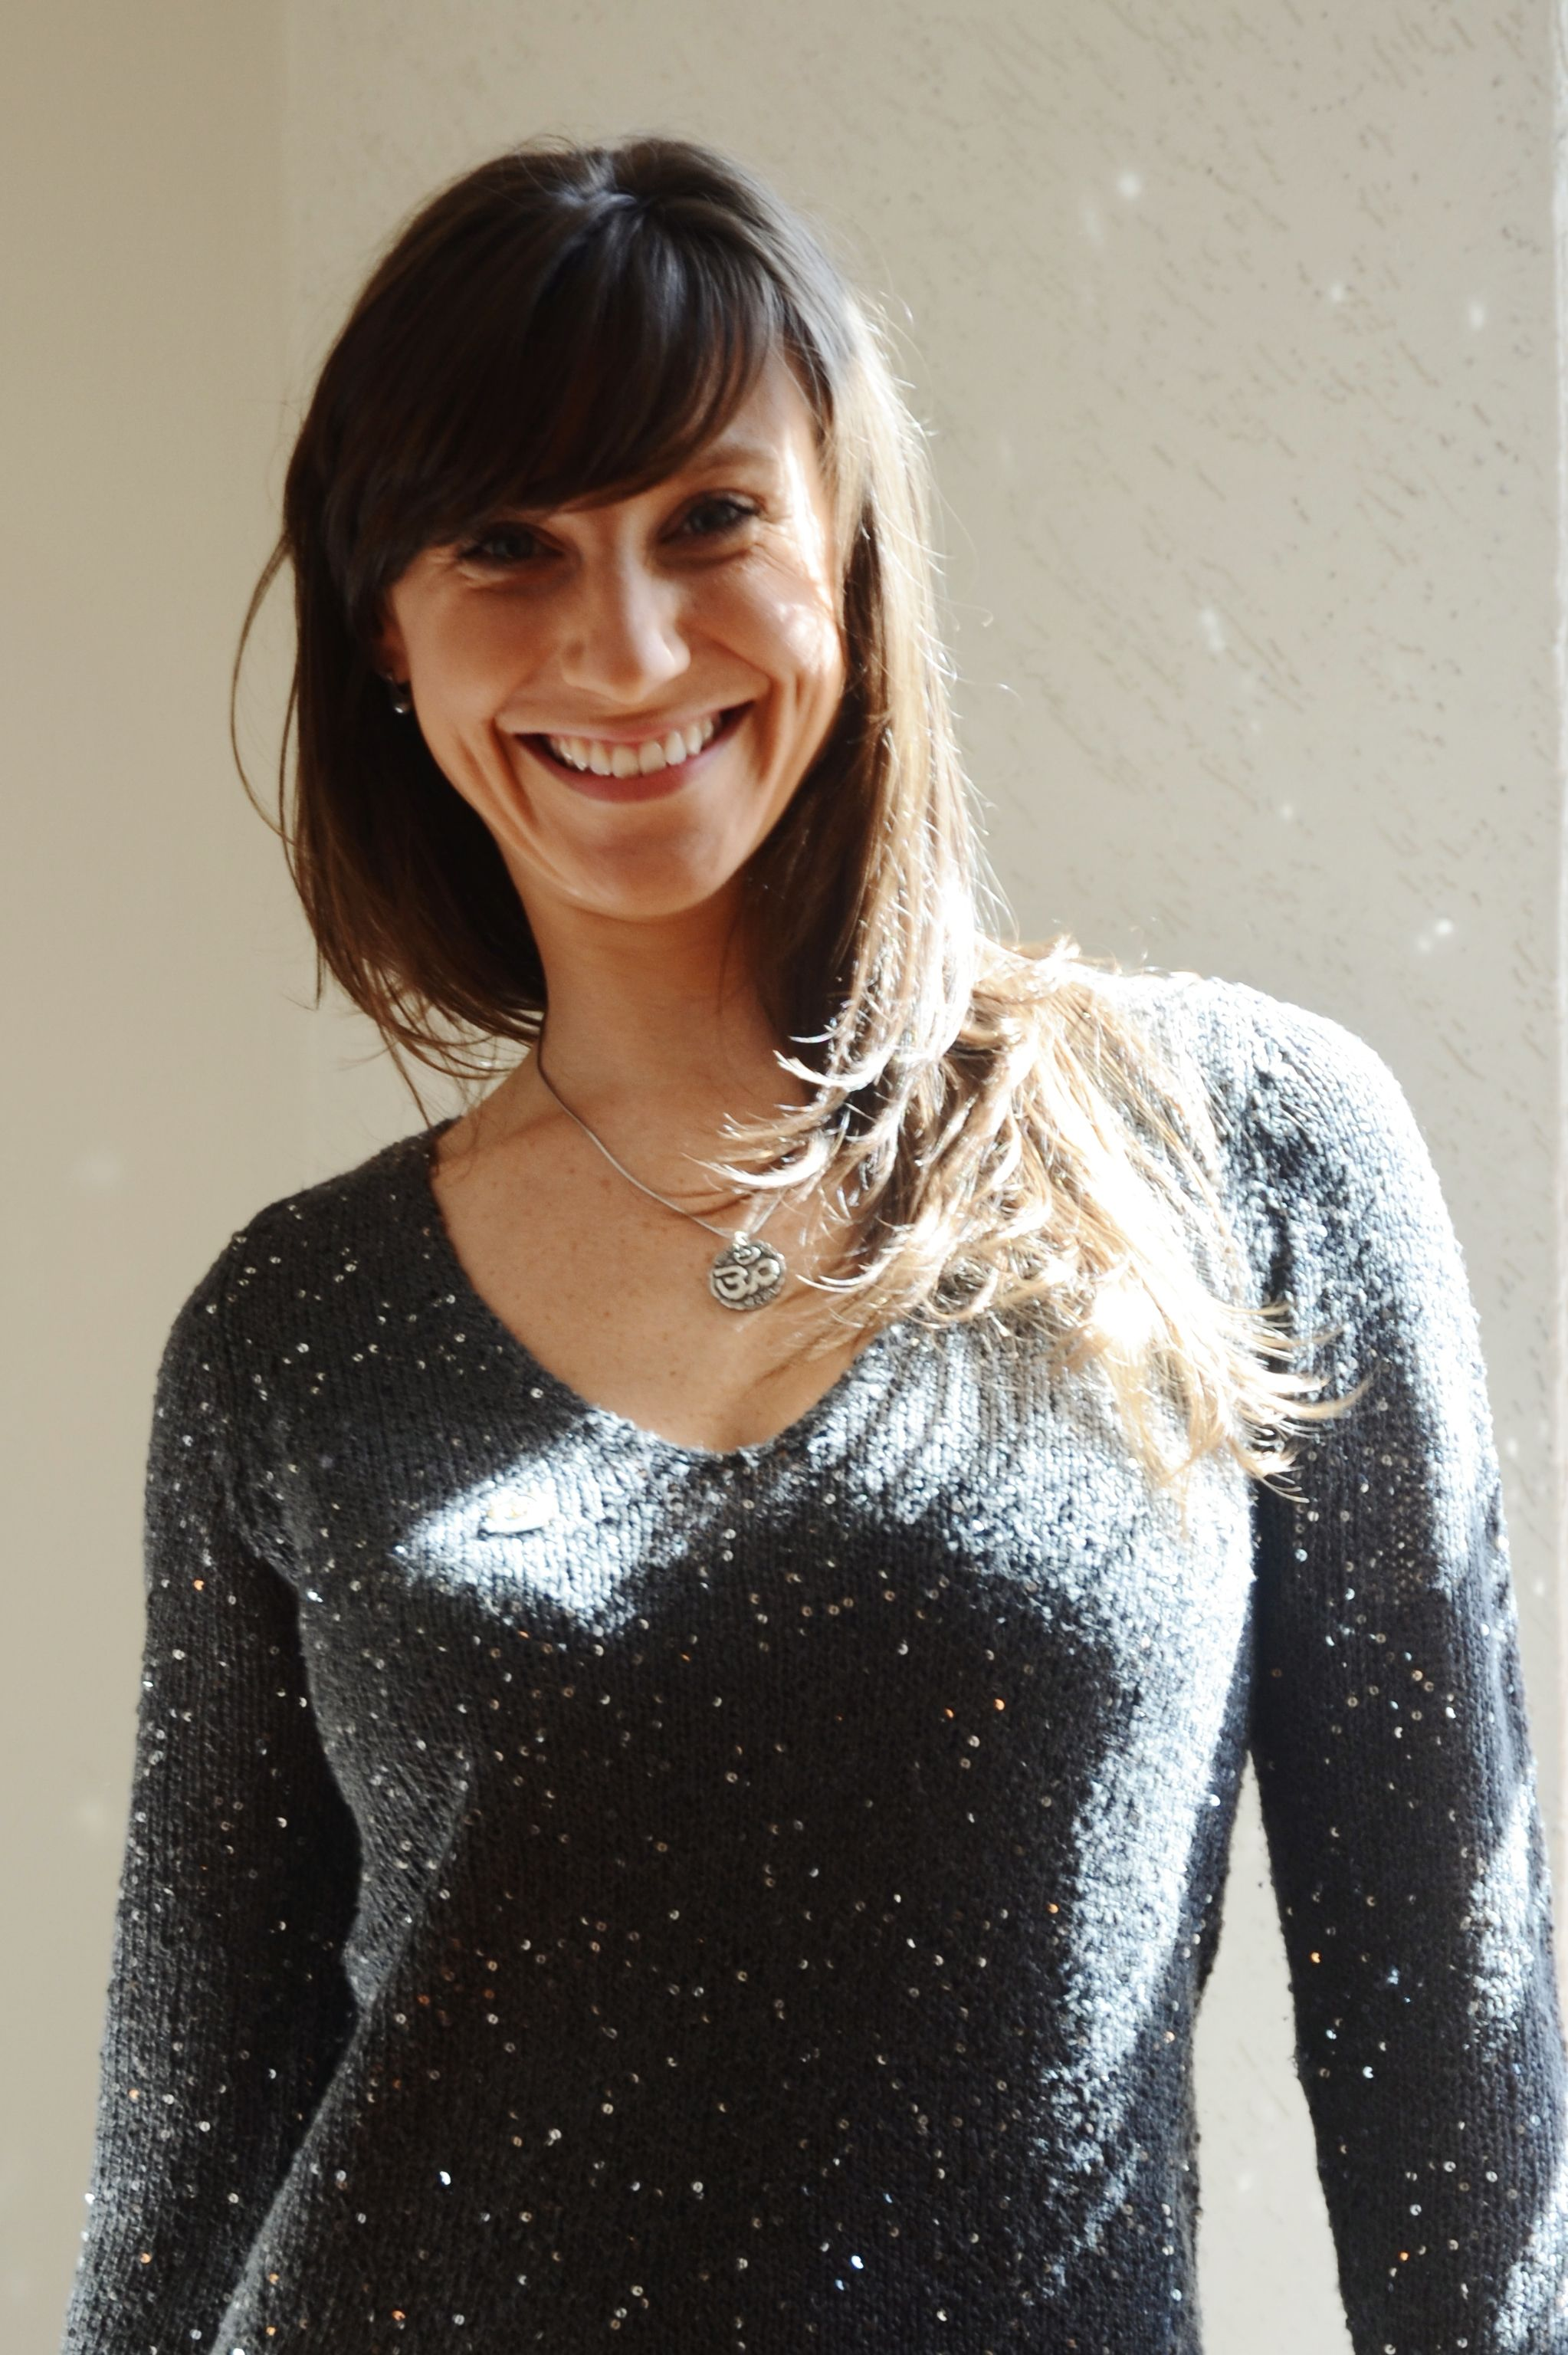 Instrutora Samantha Linsmeyer, instrutora e diretora de atendimento do Espaço Cultural Batel.